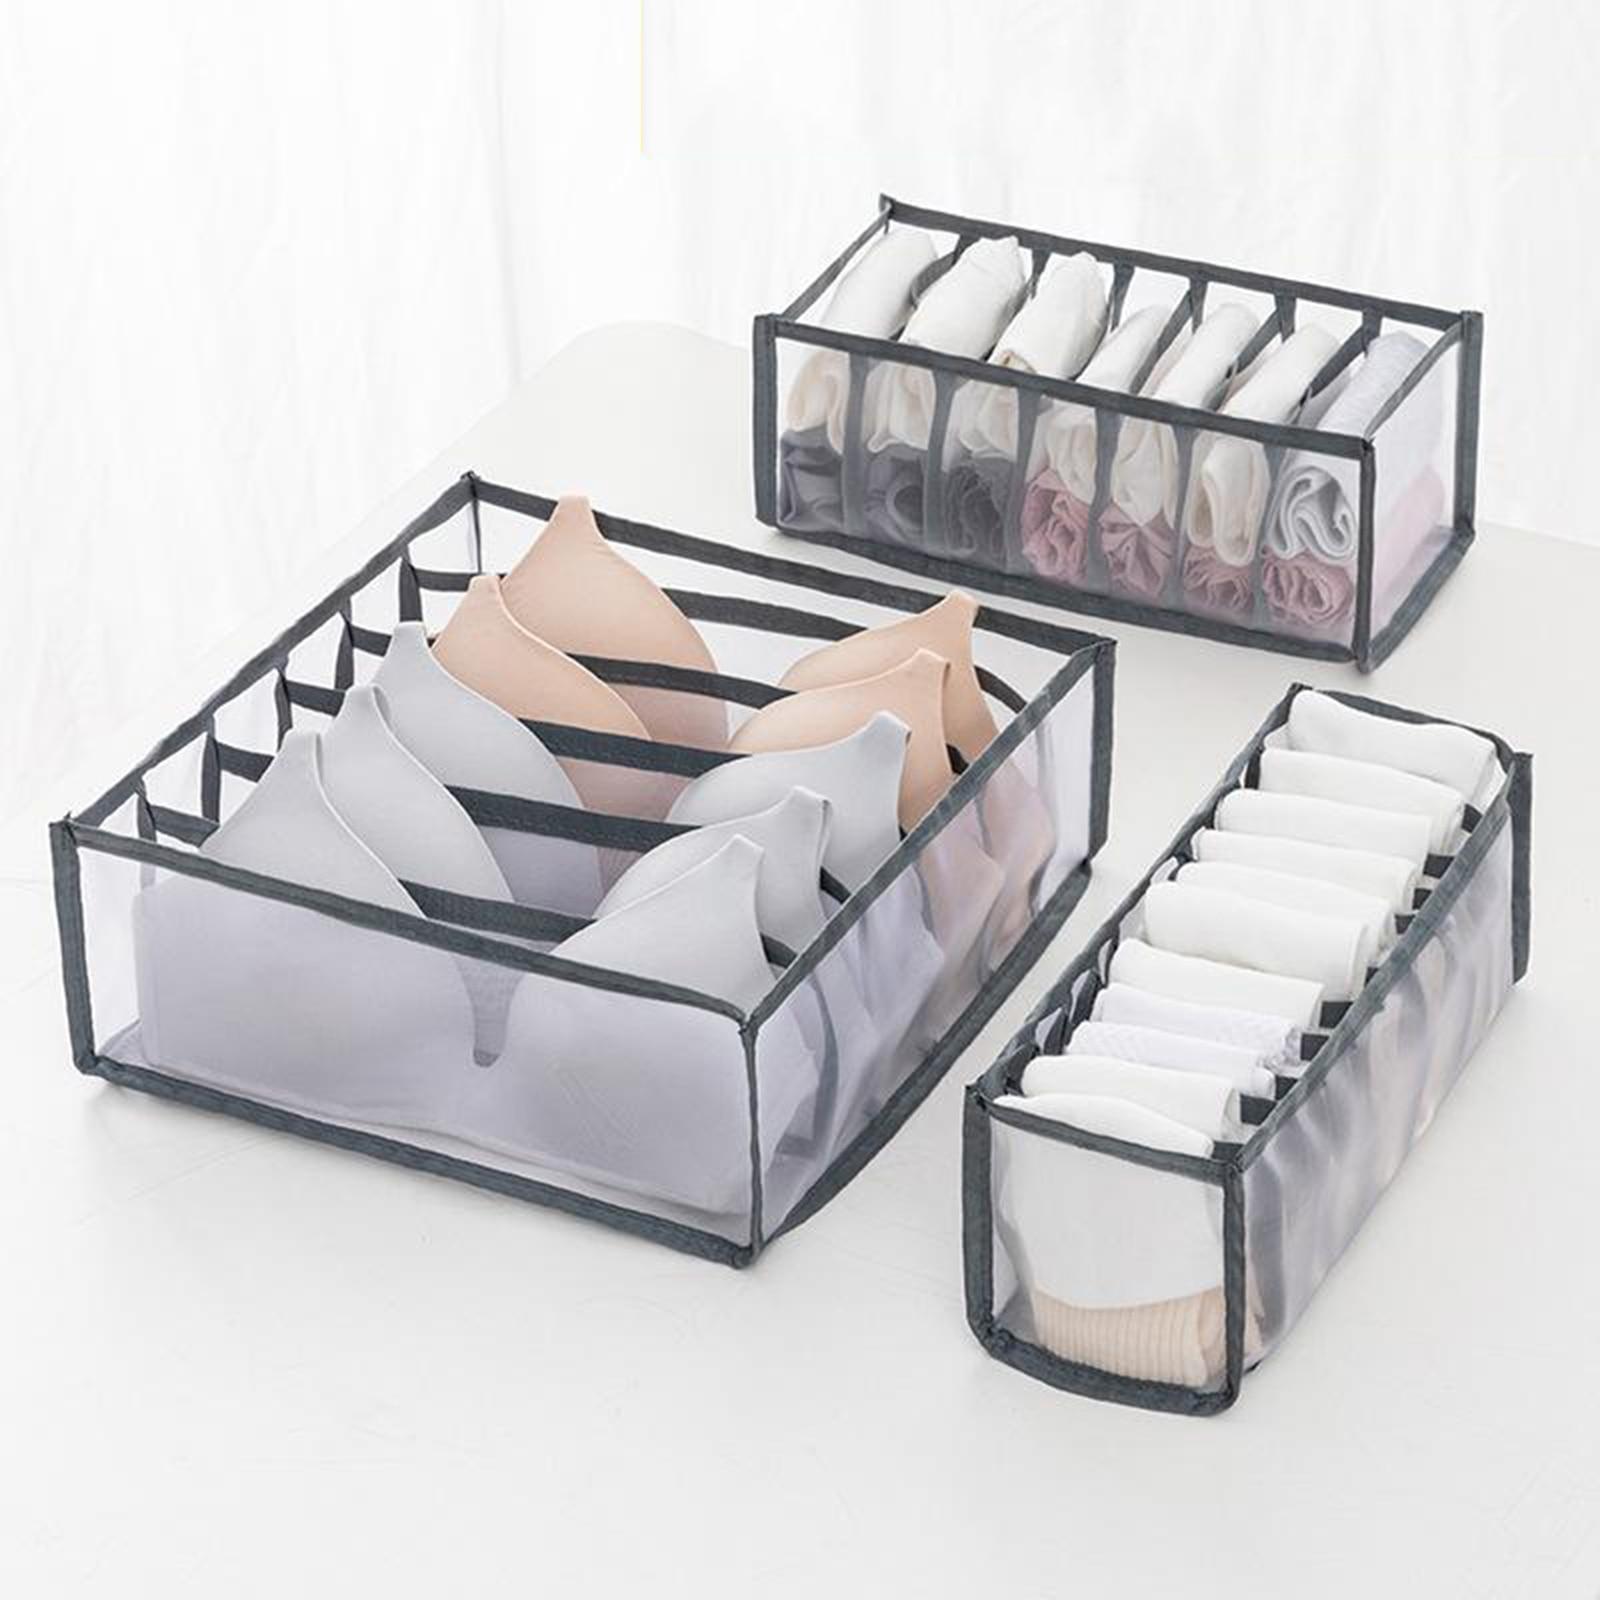 Organizador do armário para meias dormitório casa separada roupa interior caixa de armazenamento 6/7/11 grades sutiã organizador gaveta dobrável organizador